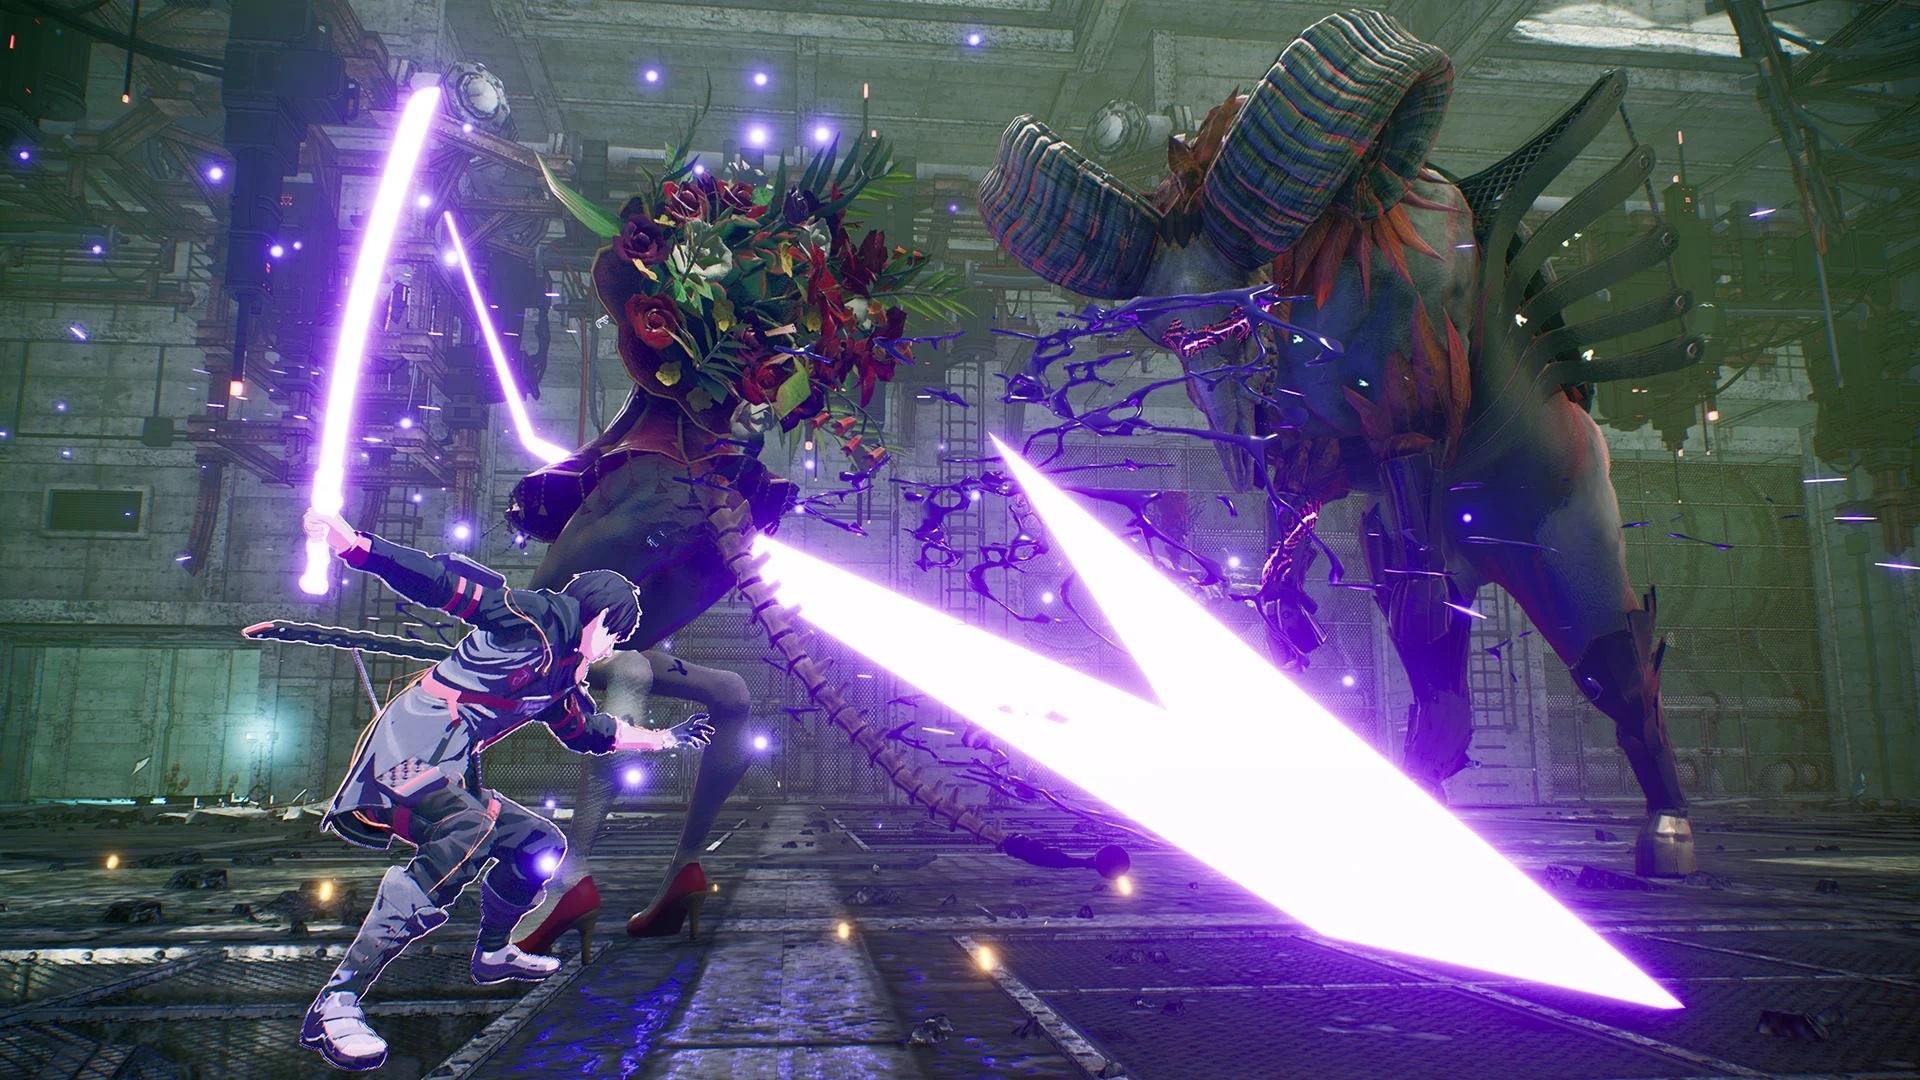 scarlet-nexus-pc-screenshot-4